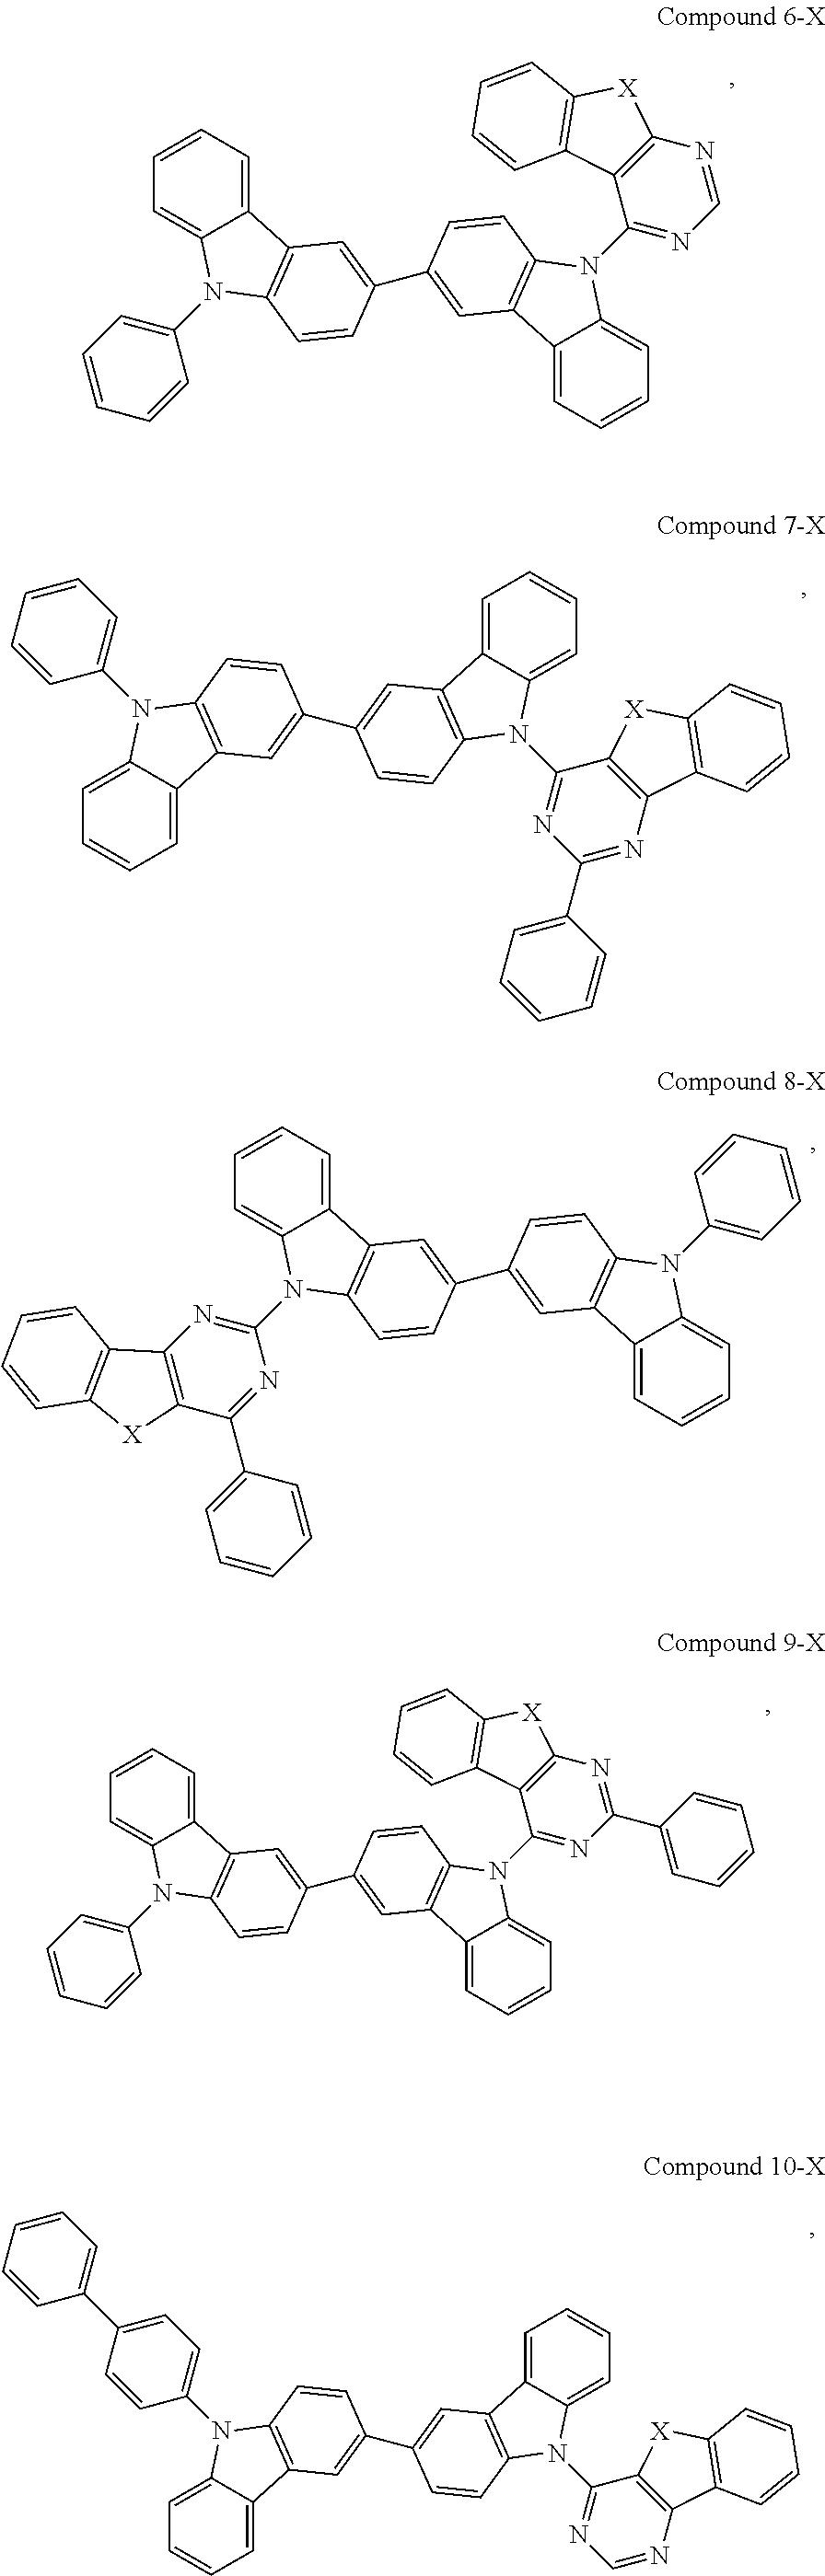 Figure US09553274-20170124-C00008